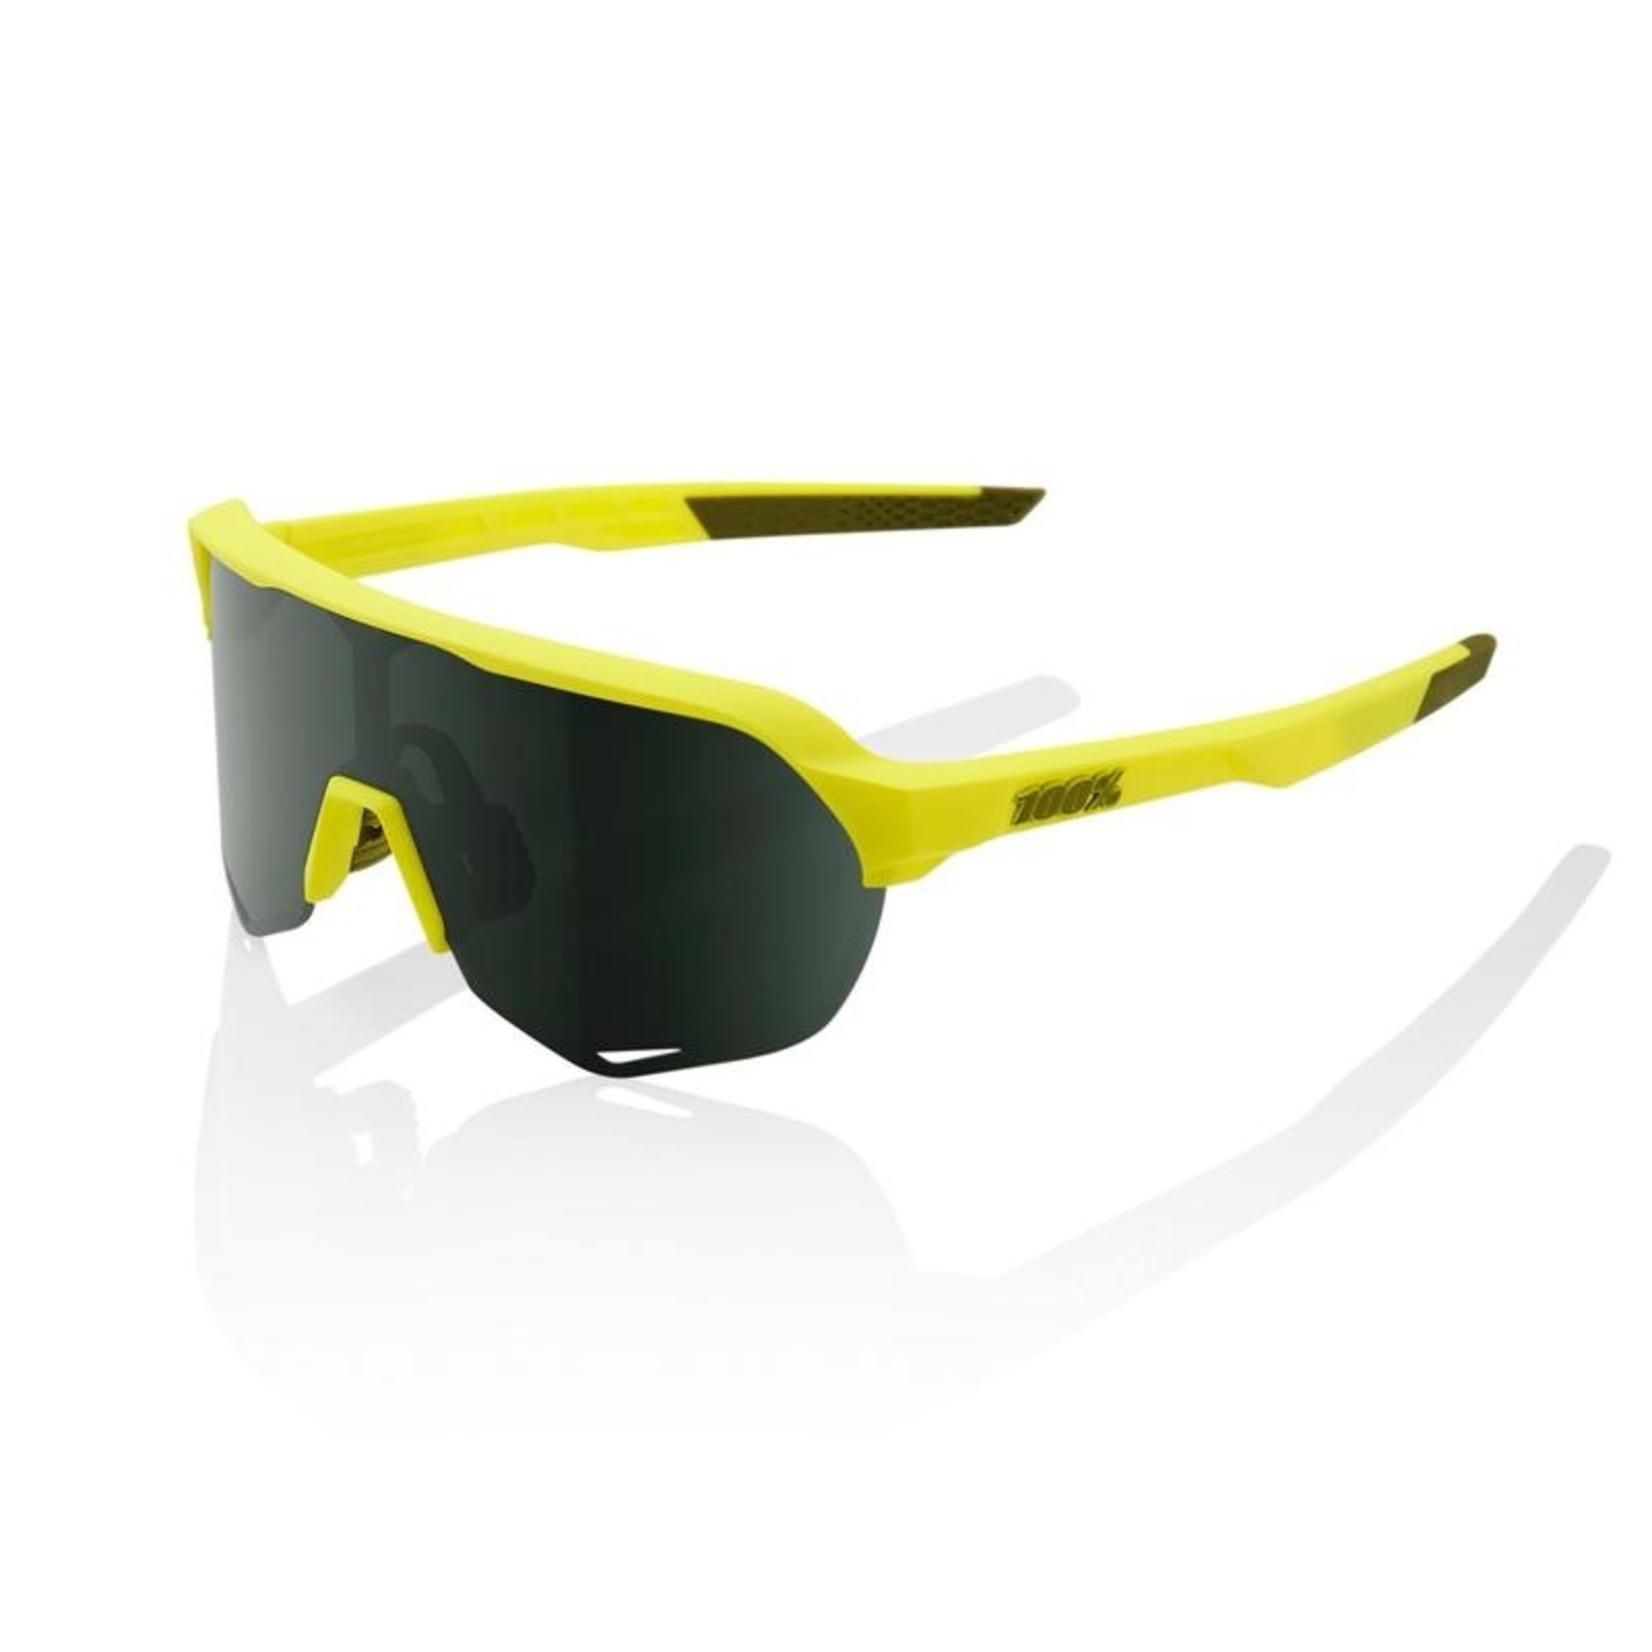 100 Percent 100% S2 Glasses